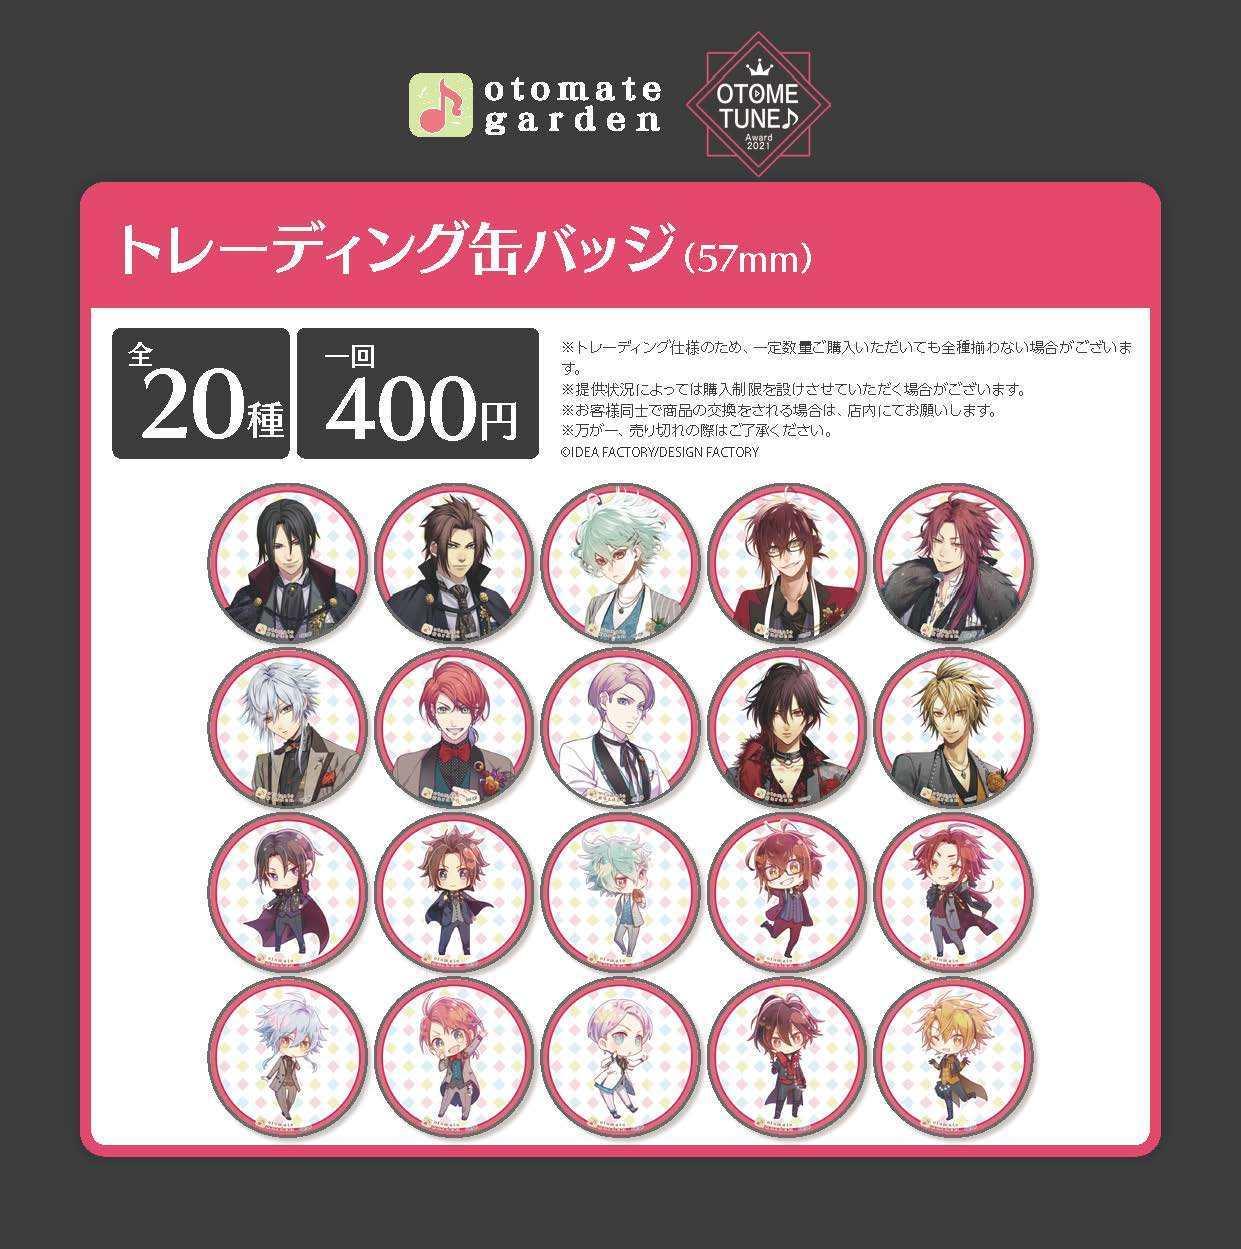 トレーディング缶バッジ(オトちゅんアワード2021)